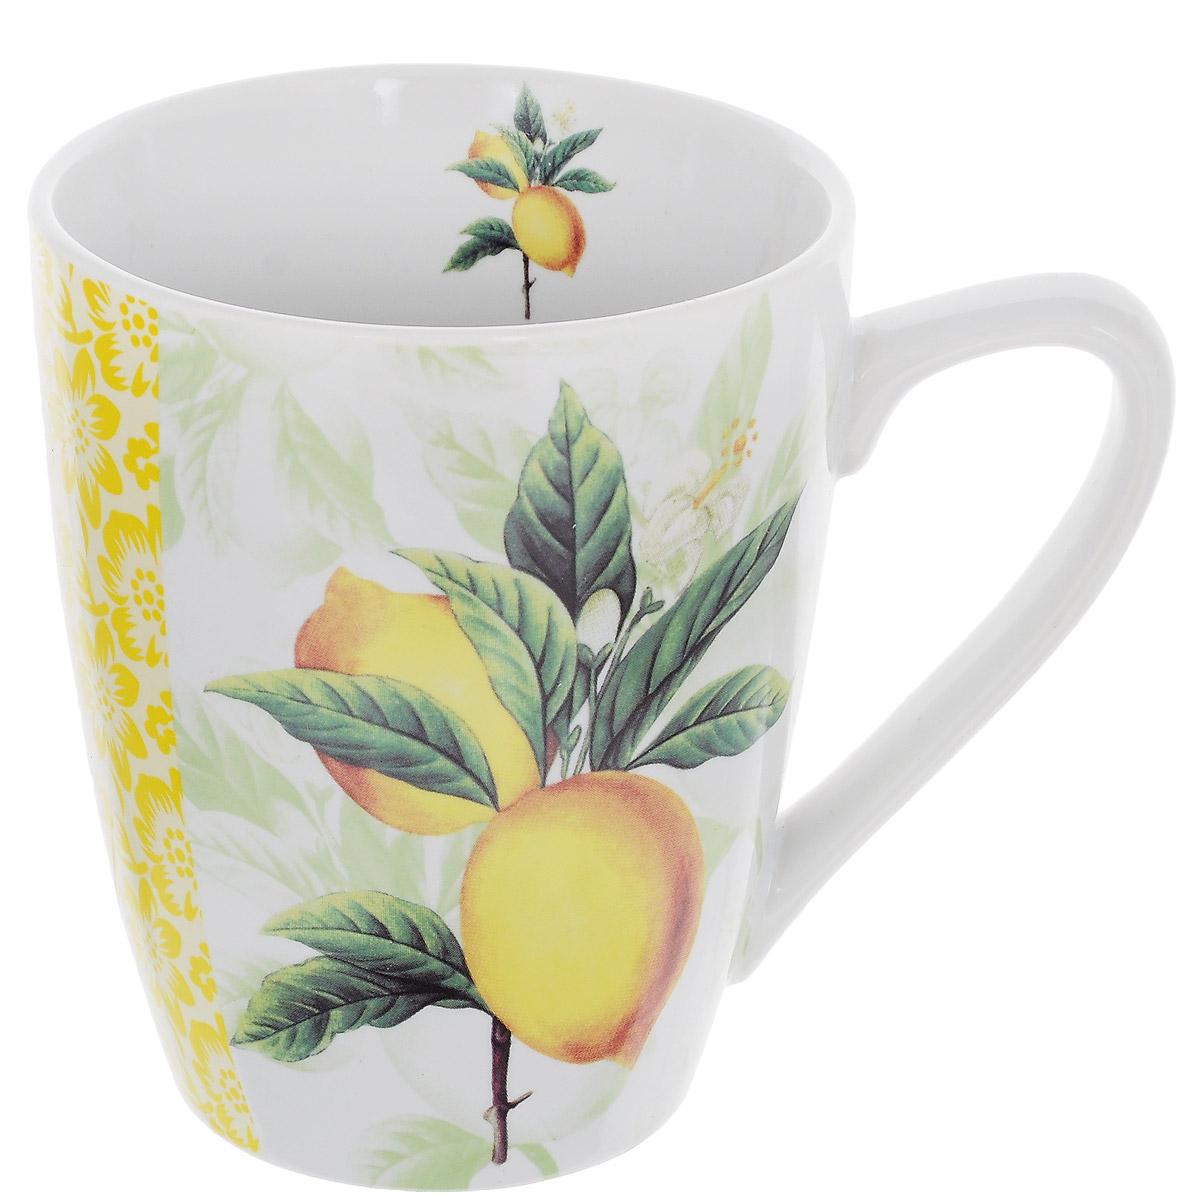 Кружка Лимон, 380 млCX5035-LEКружка Лимон, изготовленная из высококачественной керамики, декорирована изображением двух лимонов на ветке. Такая кружка придется по вкусу ценителям утонченности и изысканности. Кружка послужит не только приятным подарком, но и практичным сувениром.